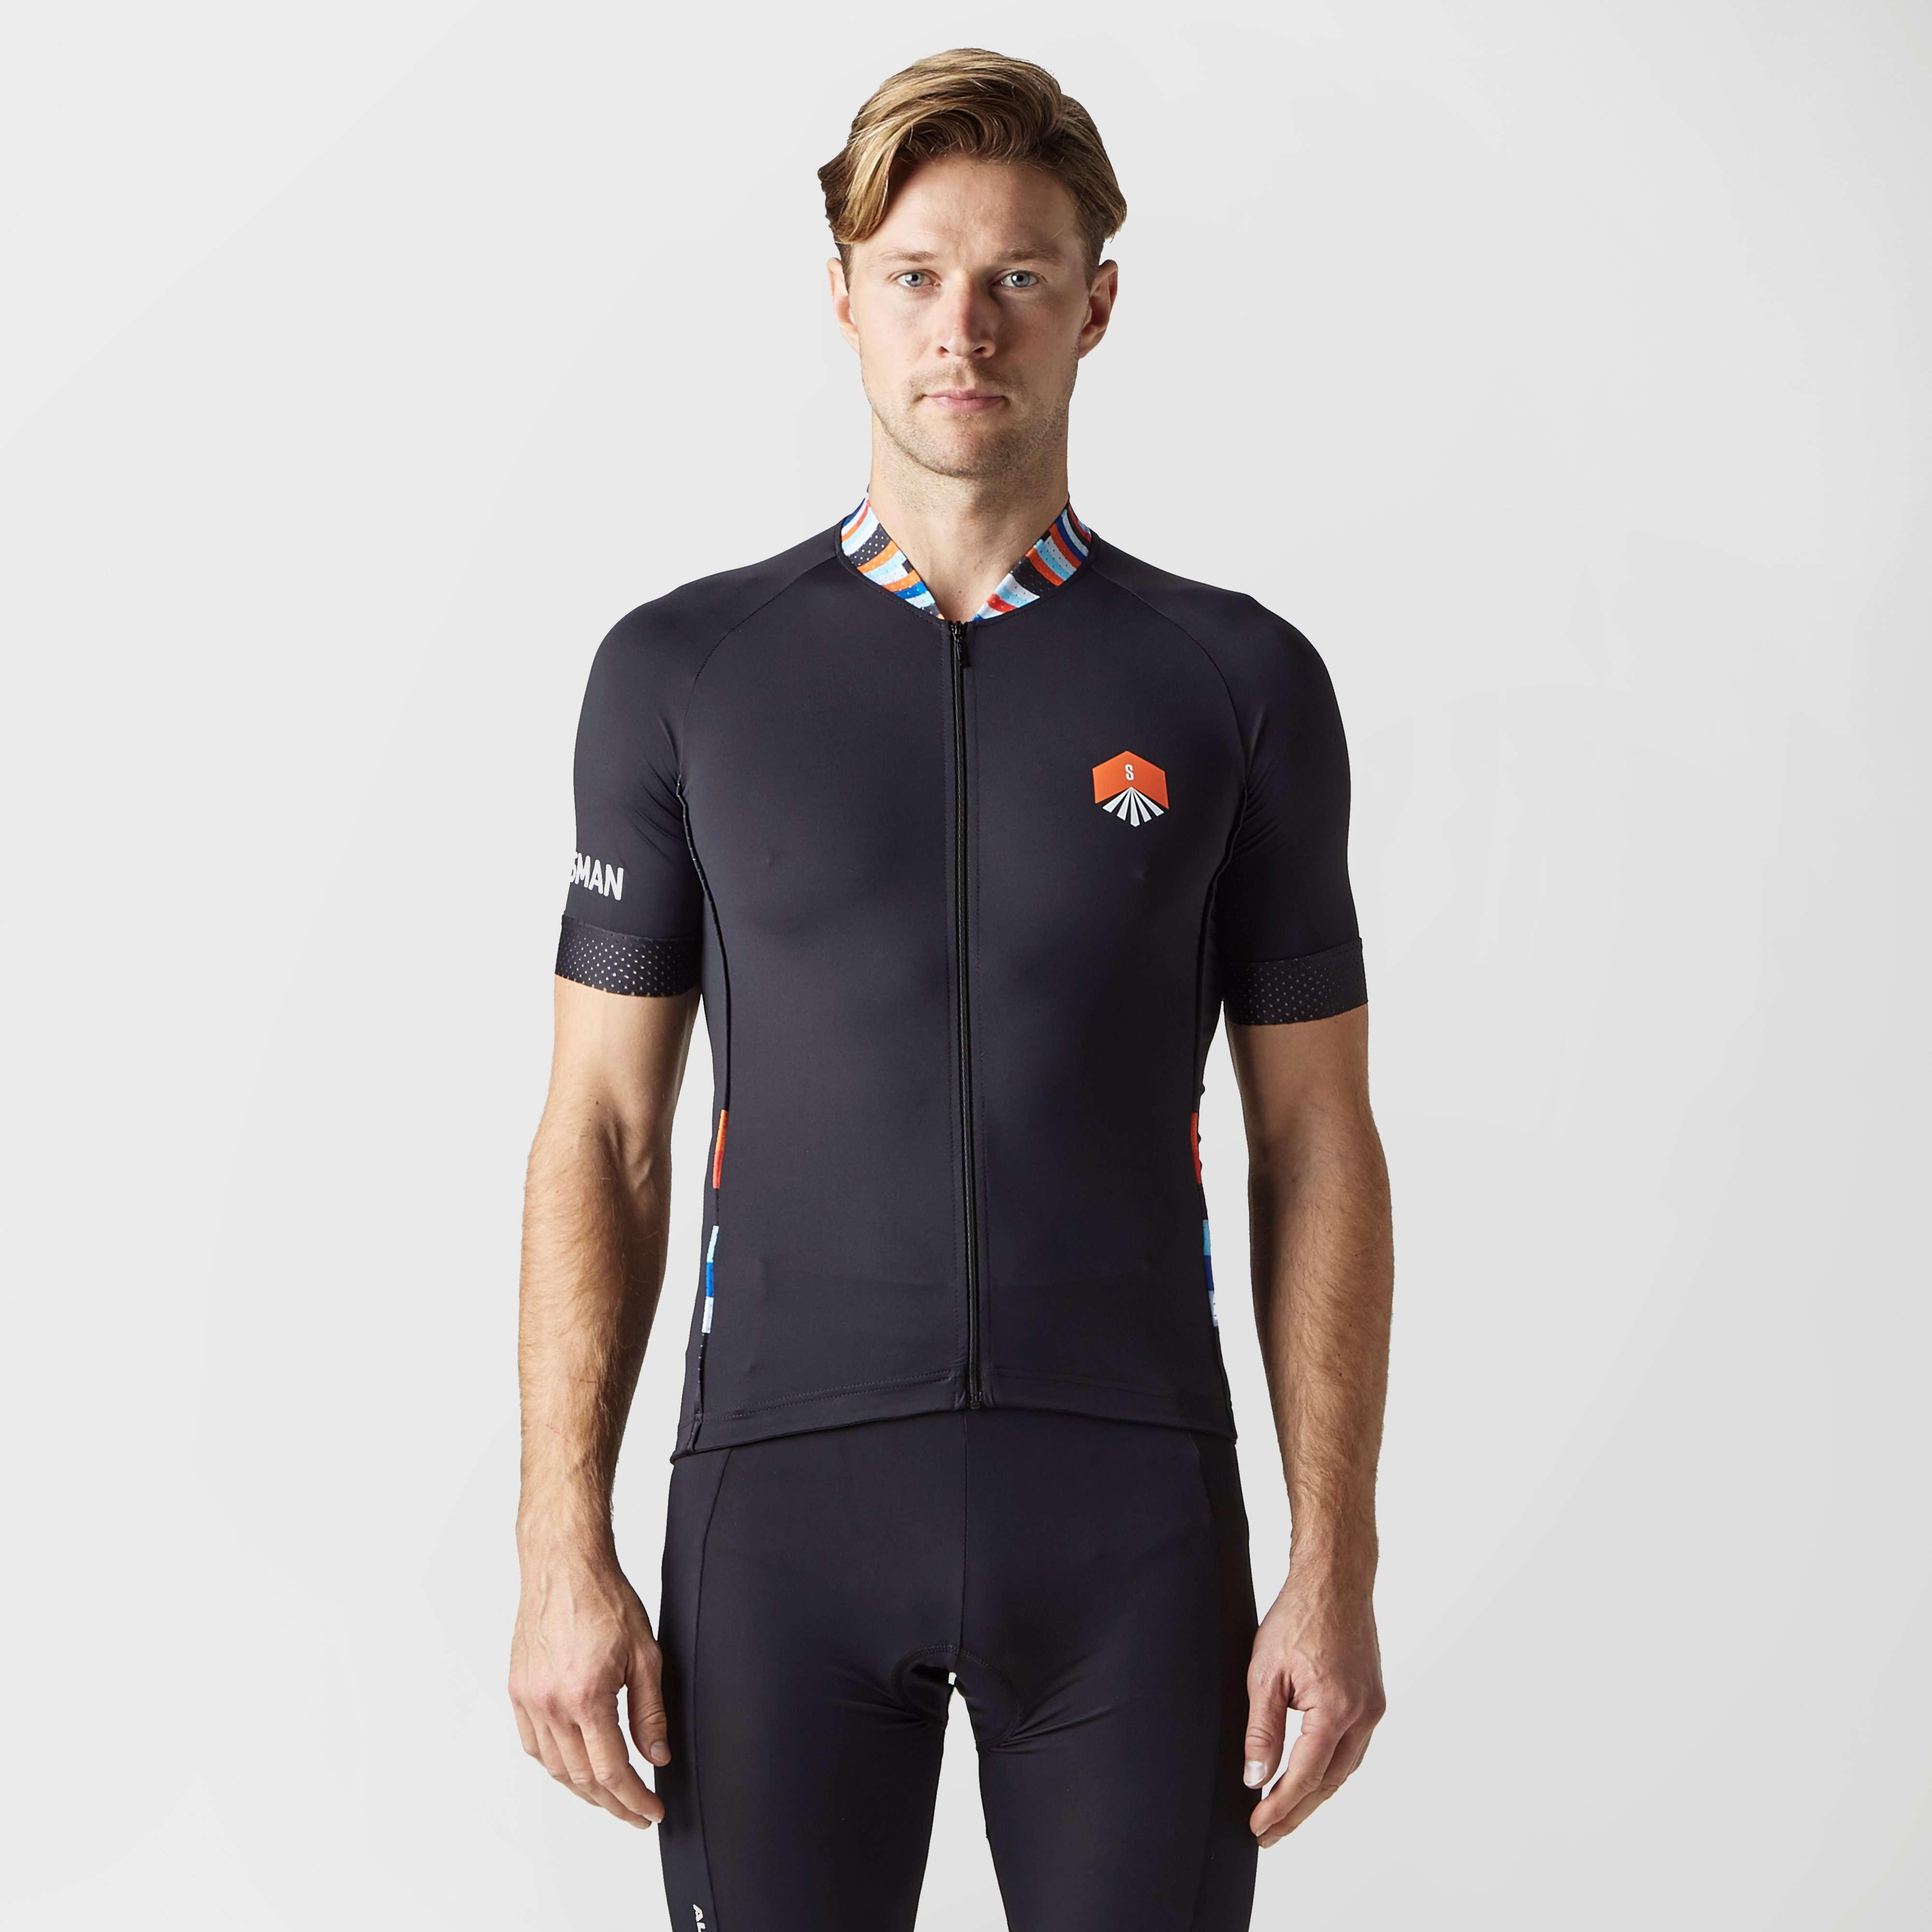 SPOKESMAN Men's Chronicle Cycling Jersey